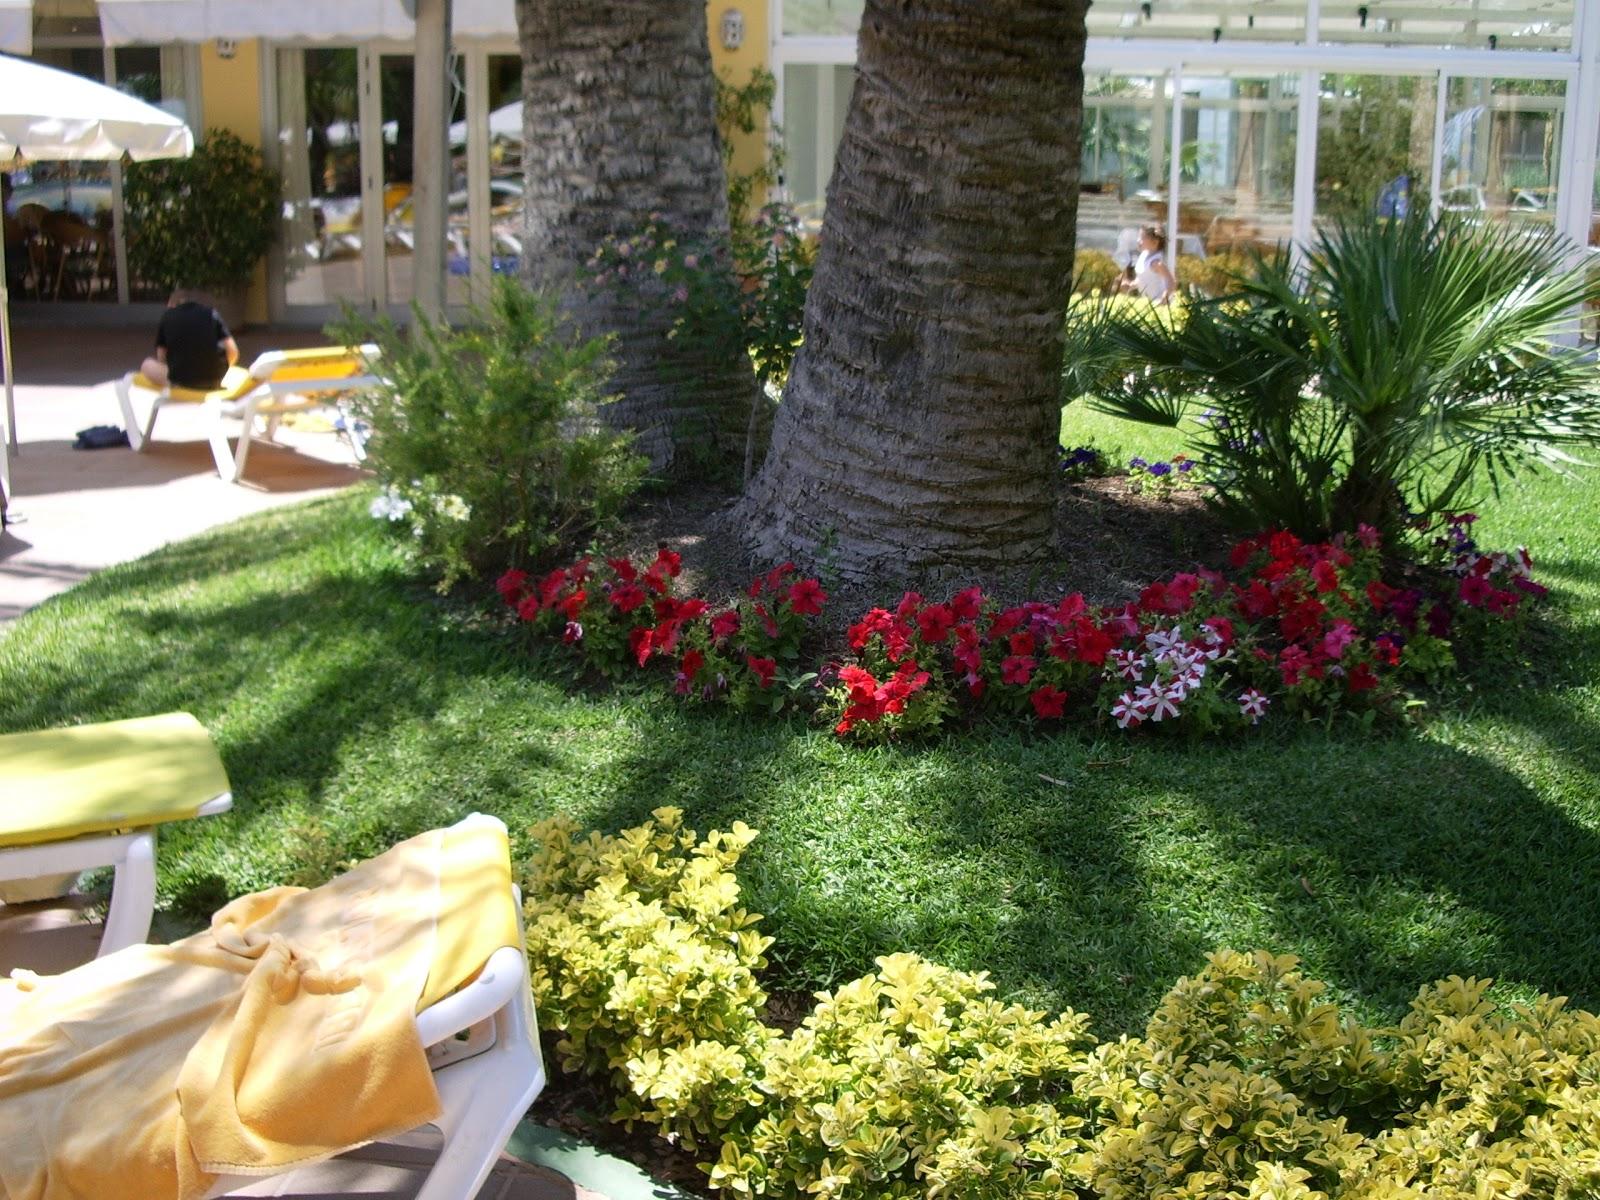 Plantas rboles y flores bases de rboles 2 alcorques for Jardines decorados con piedras y plantas